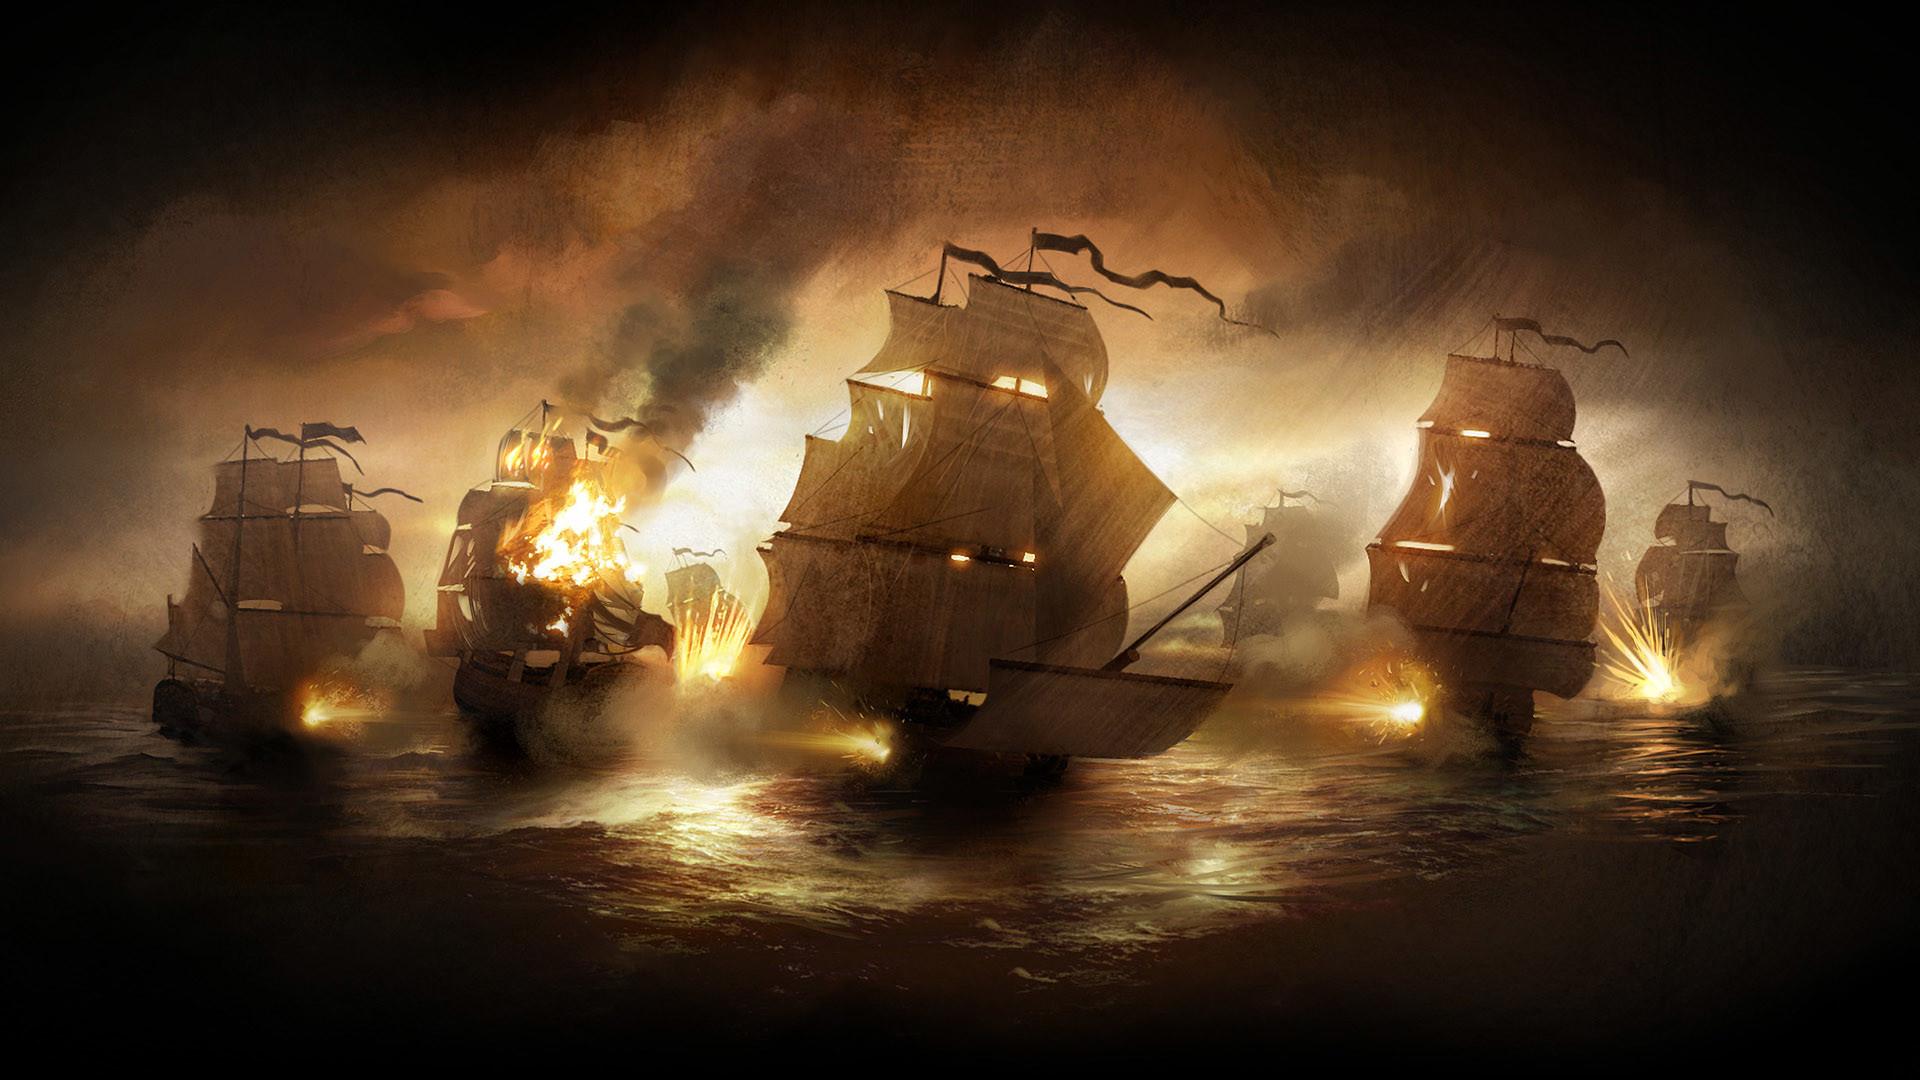 Pirate Ship Wallpaper Desktop · Pirate Wallpaper   Best Desktop .